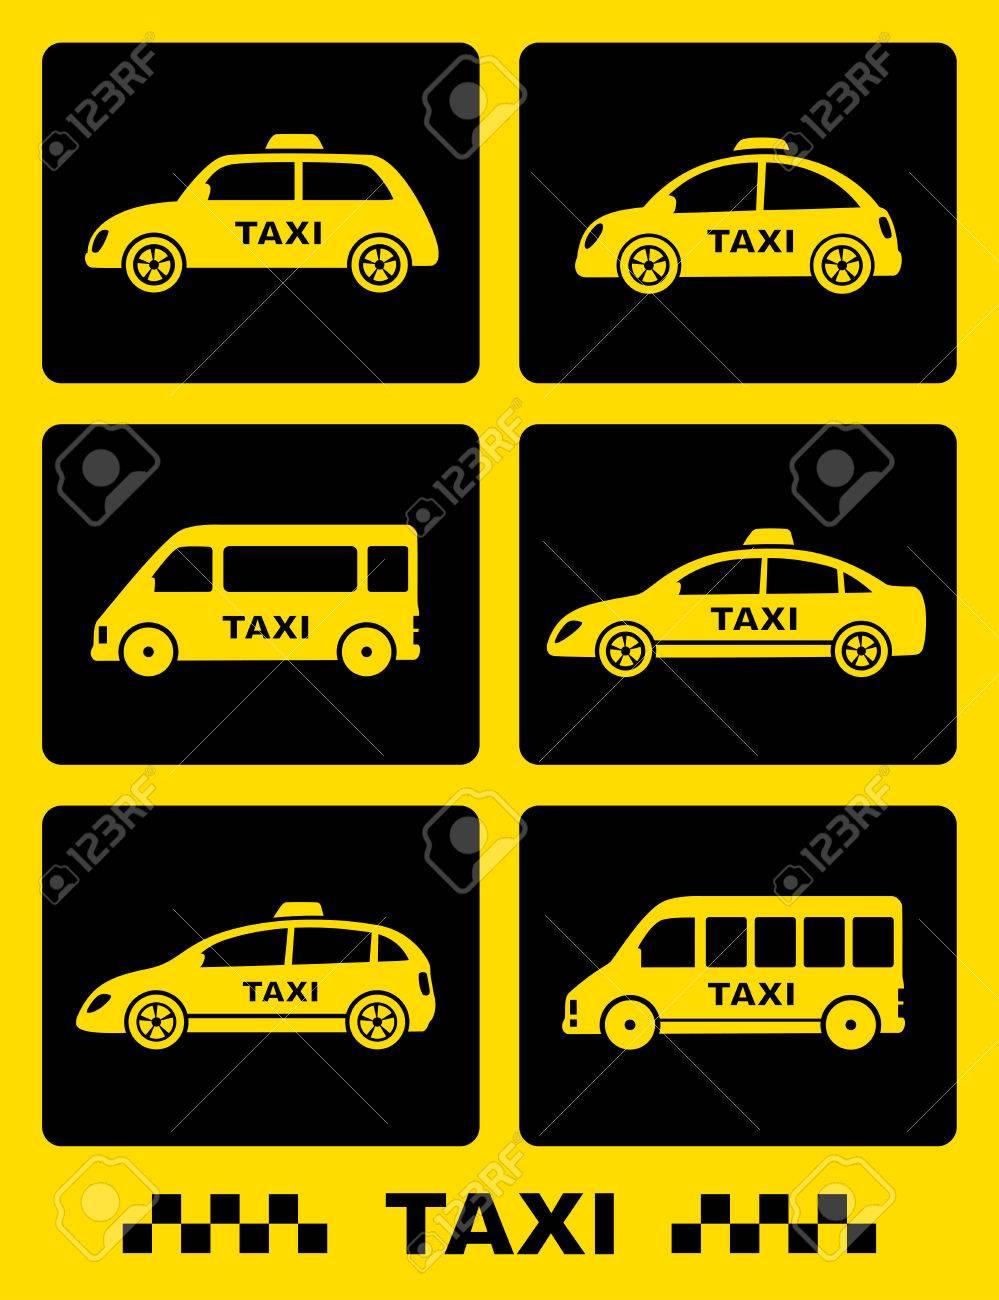 Jeu De Voiture De Taxi Icône Sur Boutons Noirs Sur Fond Jaune tout Le Jeu De La Voiture Jaune